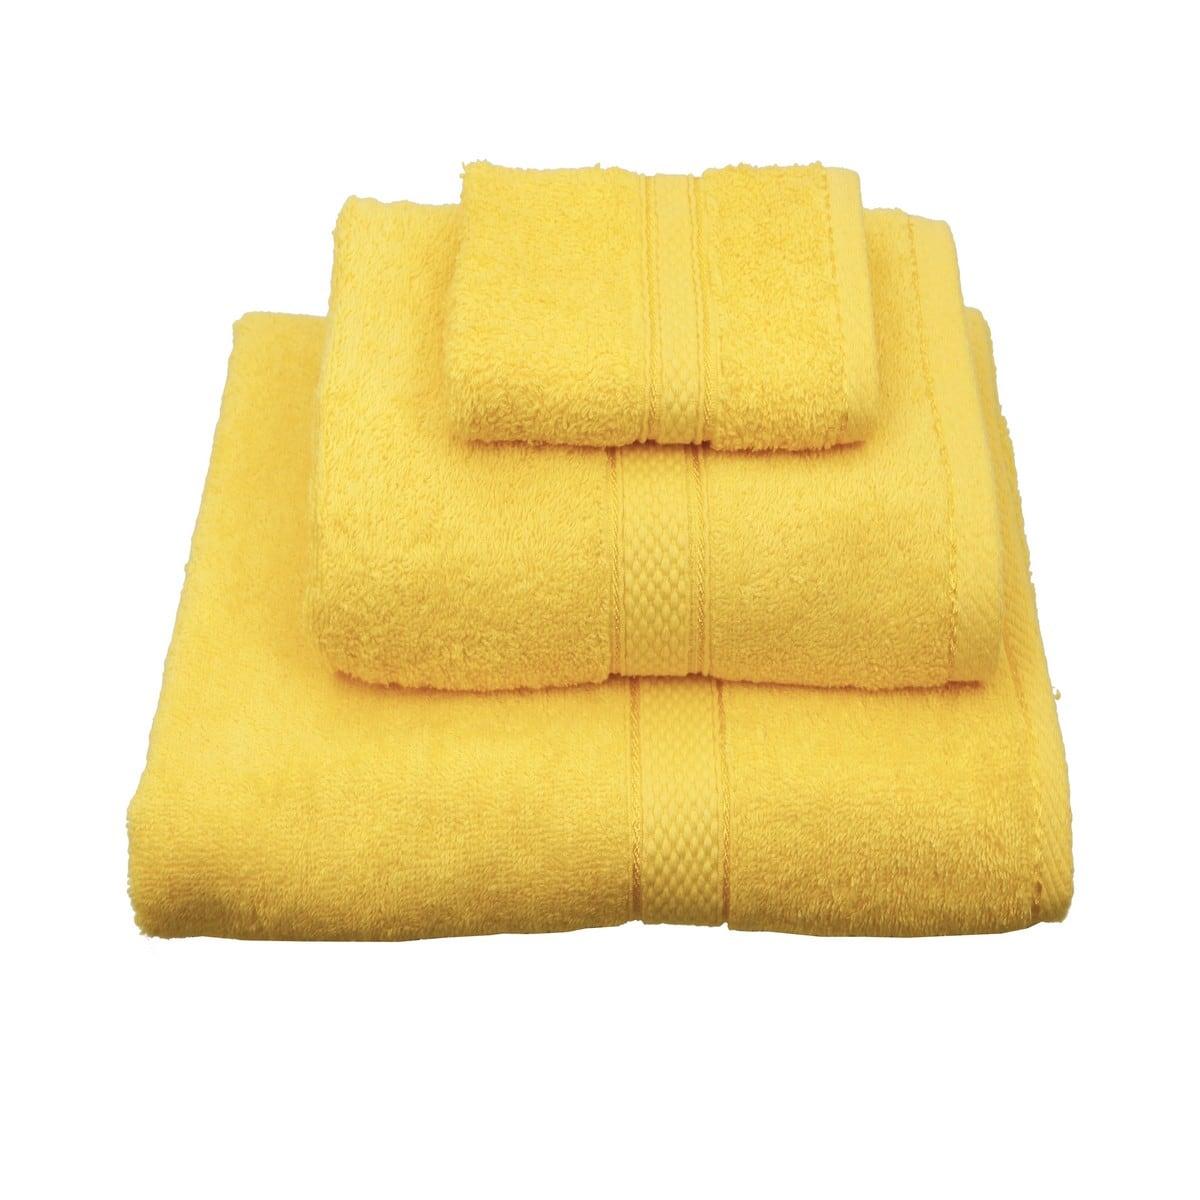 Πετσέτα Classic Κίτρινη Viopros Σώματος 80x160cm